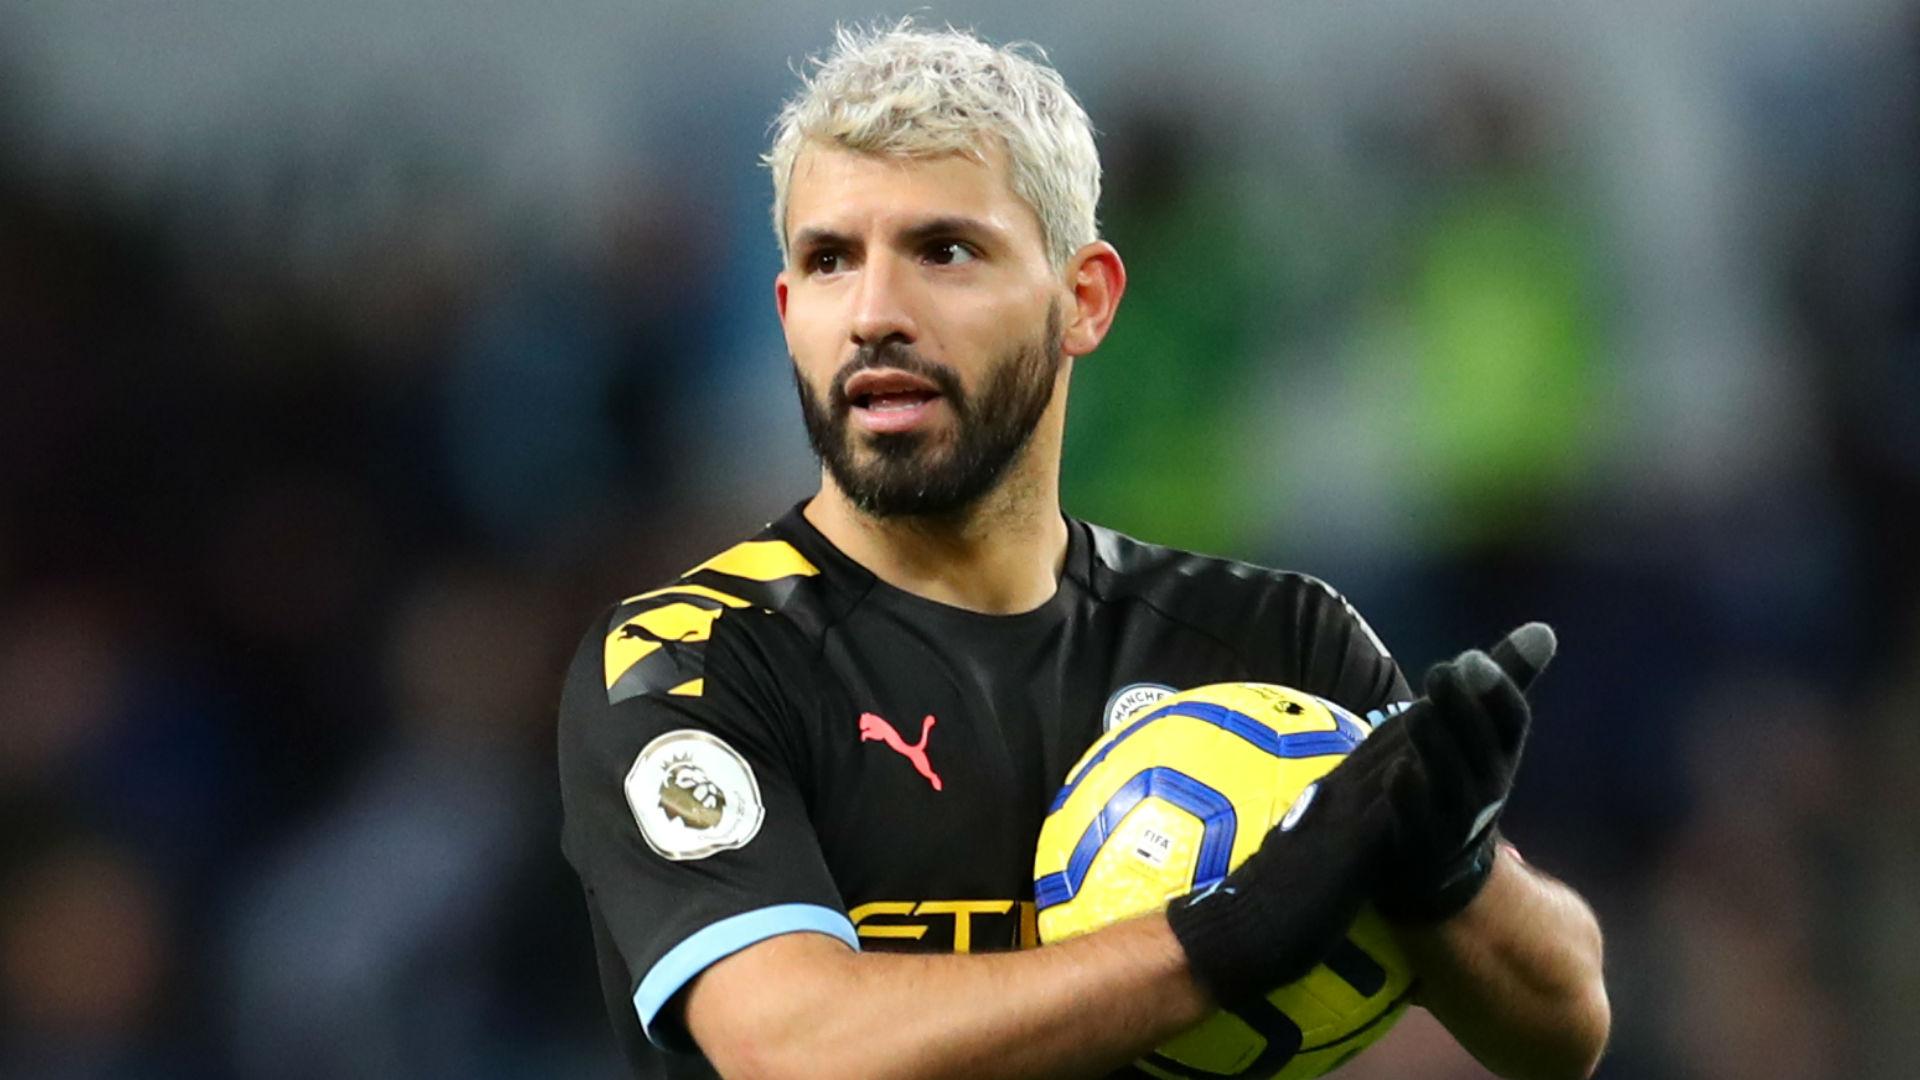 Aguero's legend rises – Guardiola